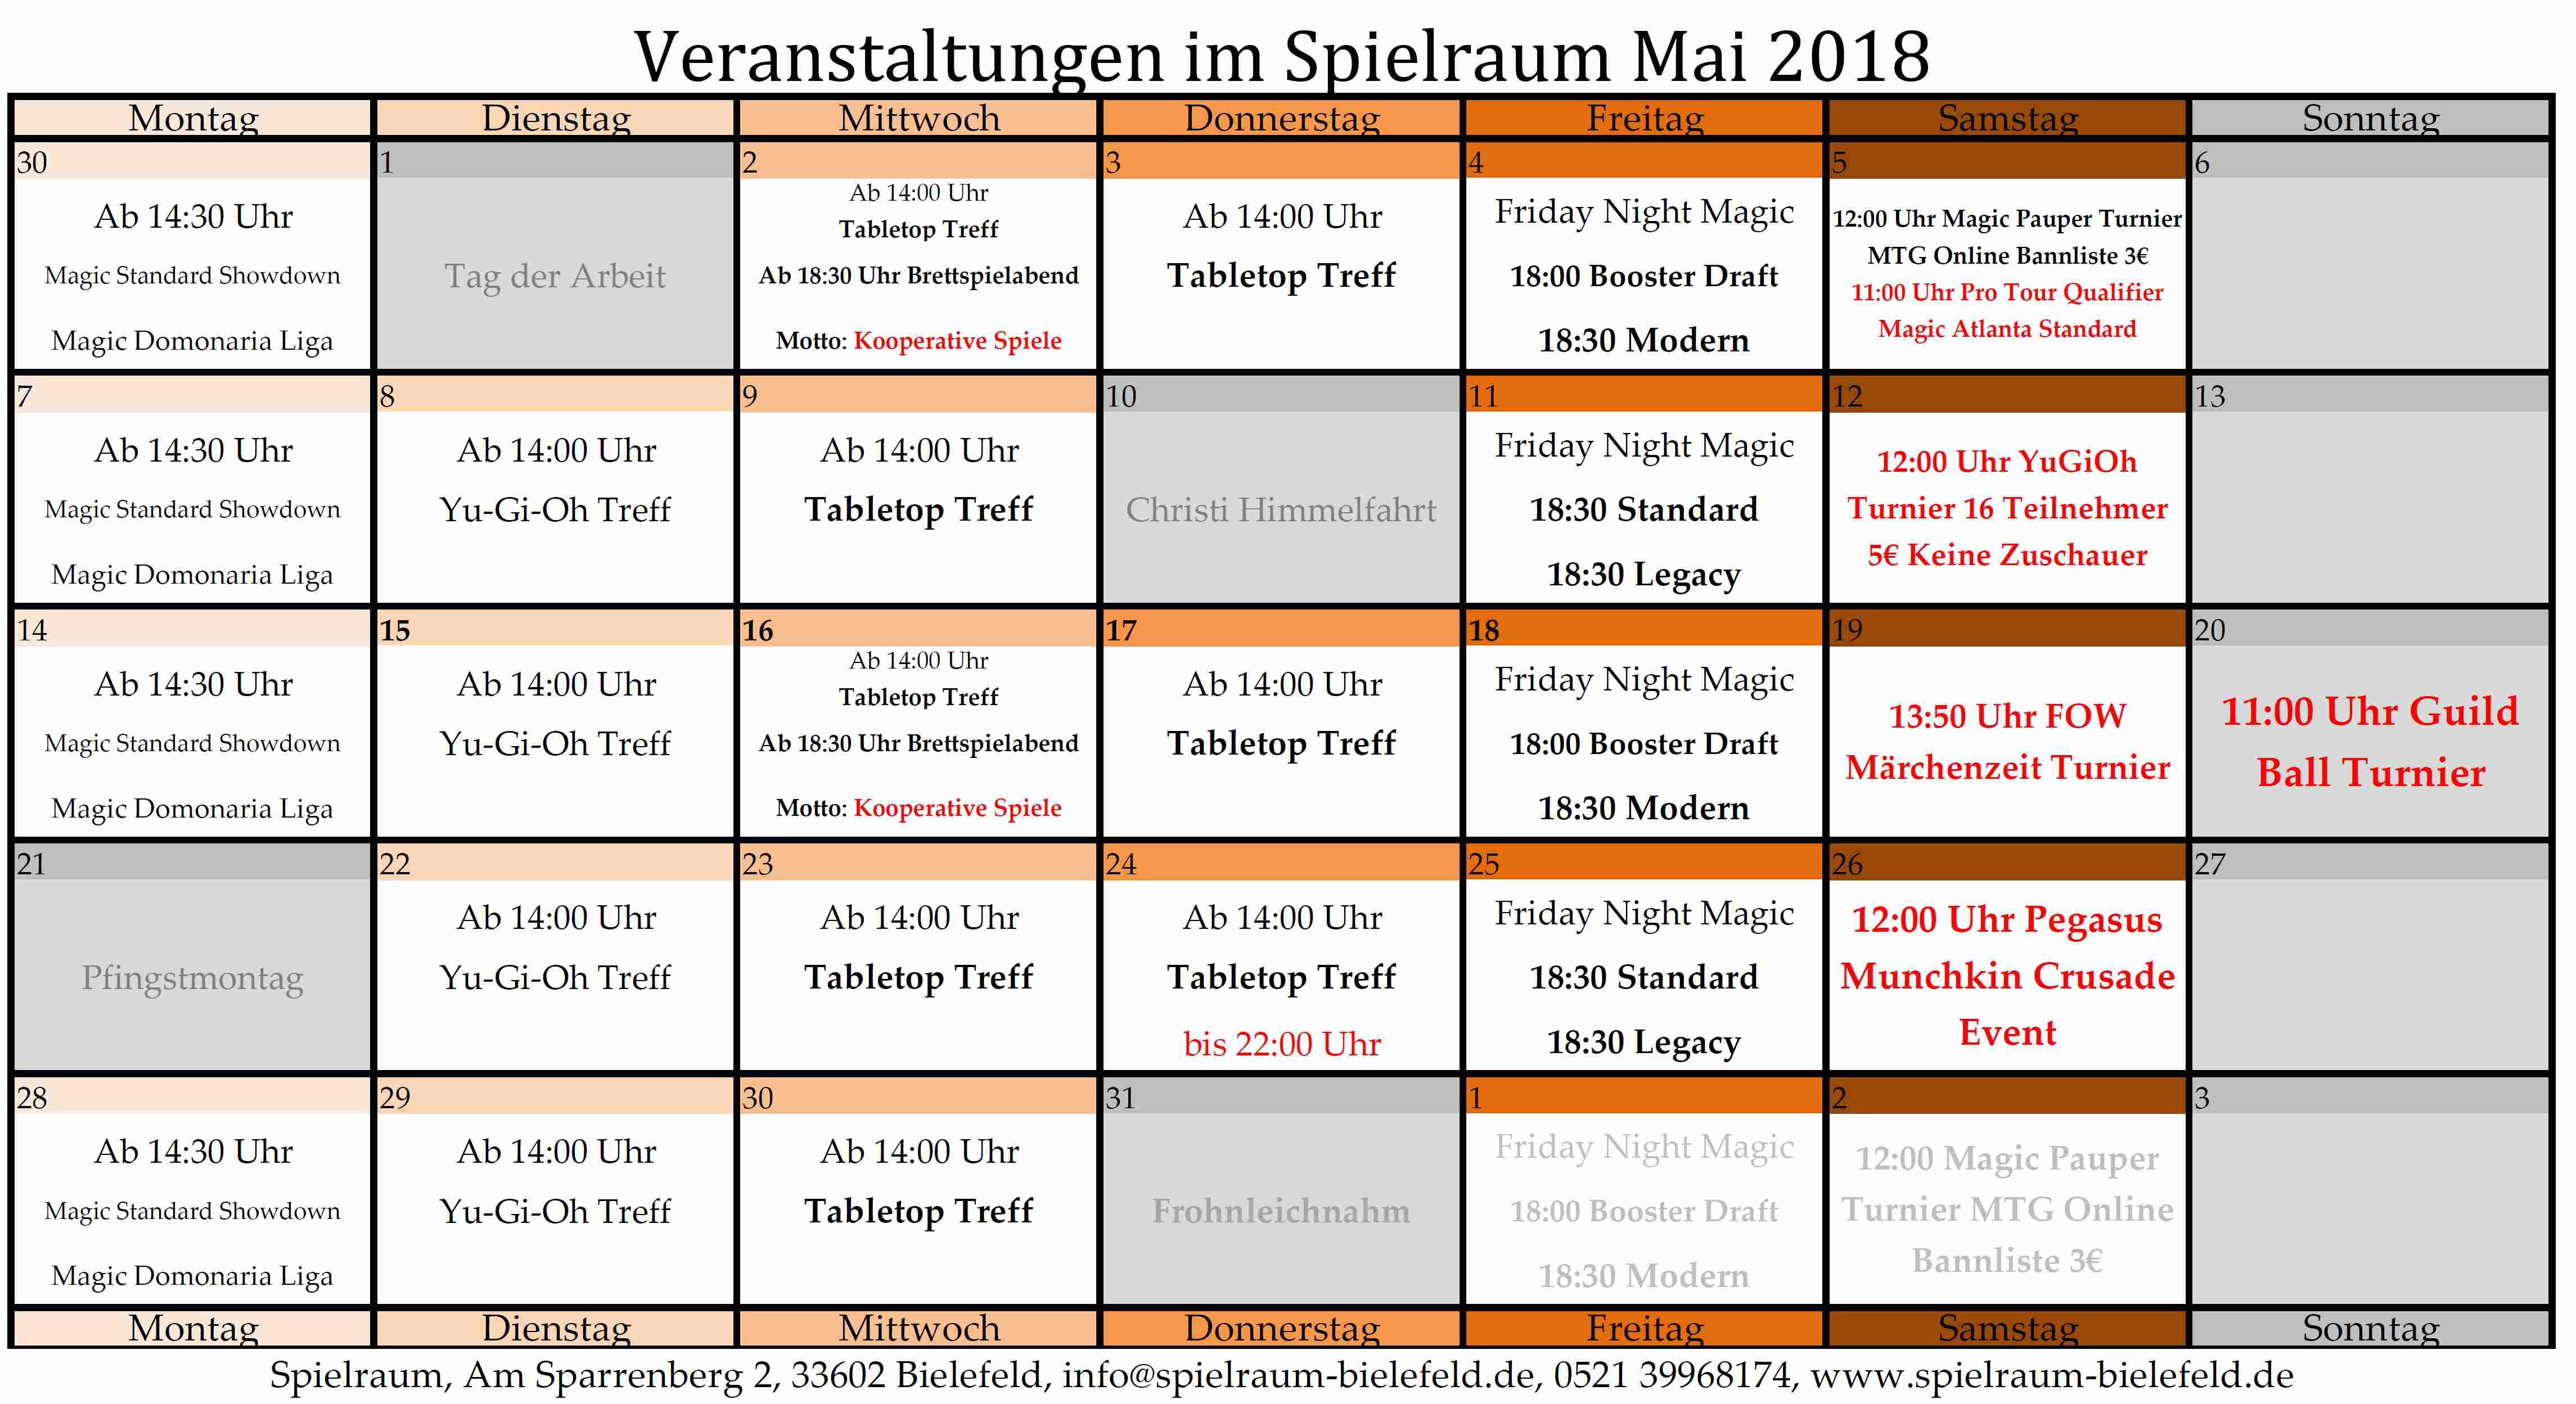 Monatsplan Mai 2018